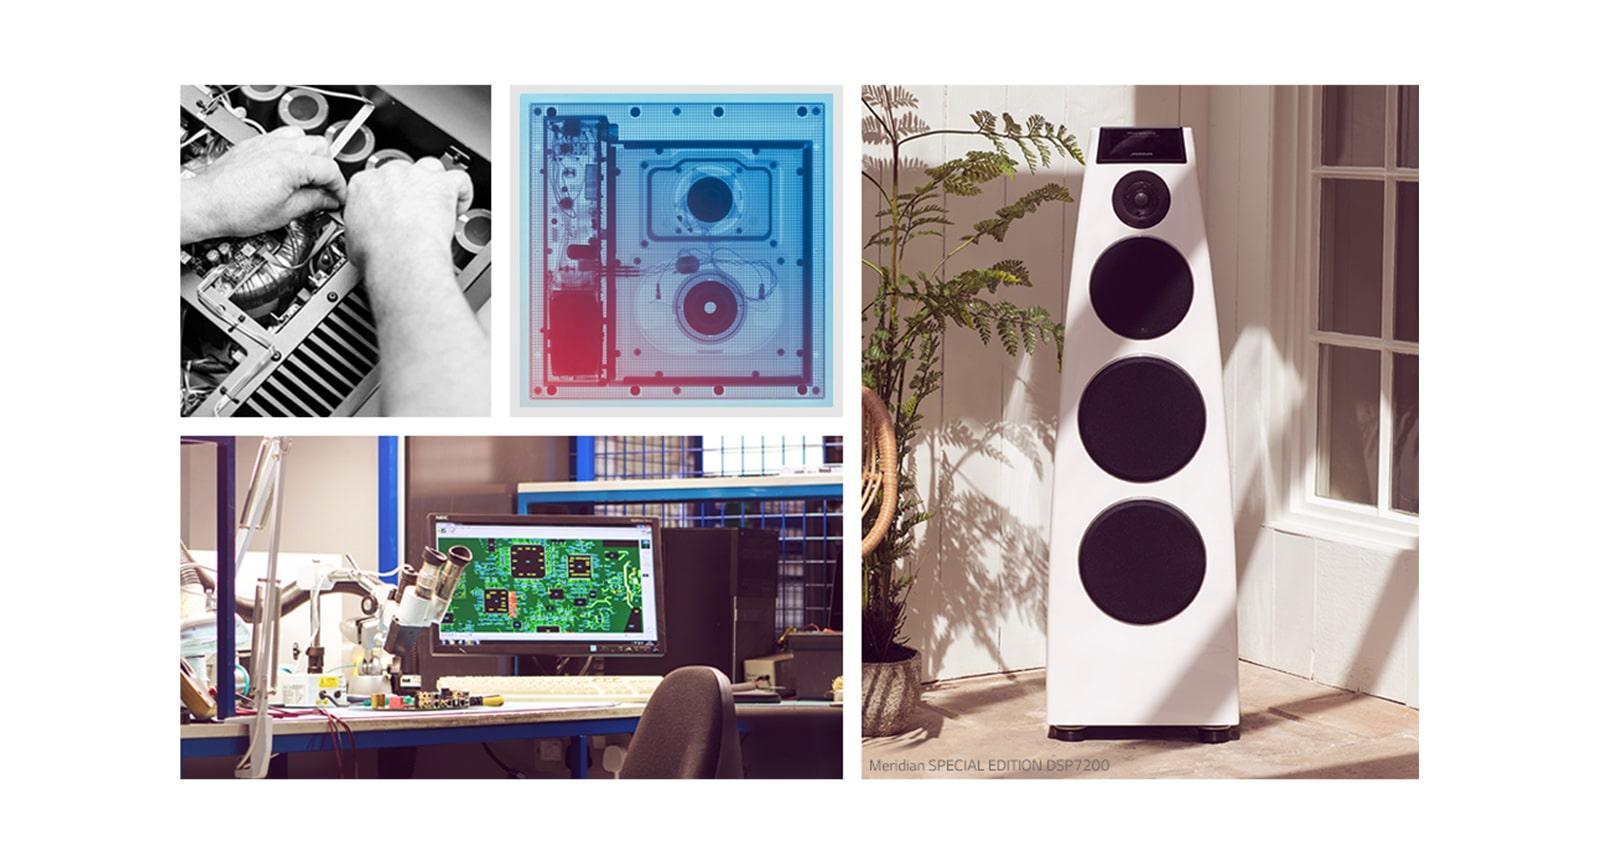 Collage. En el sentido de las agujas del reloj desde la parte superior izquierda: dos imágenes del hardware interno de Meridian, un altavoz Meridian blanco y un escritorio de I+D de Meridian.